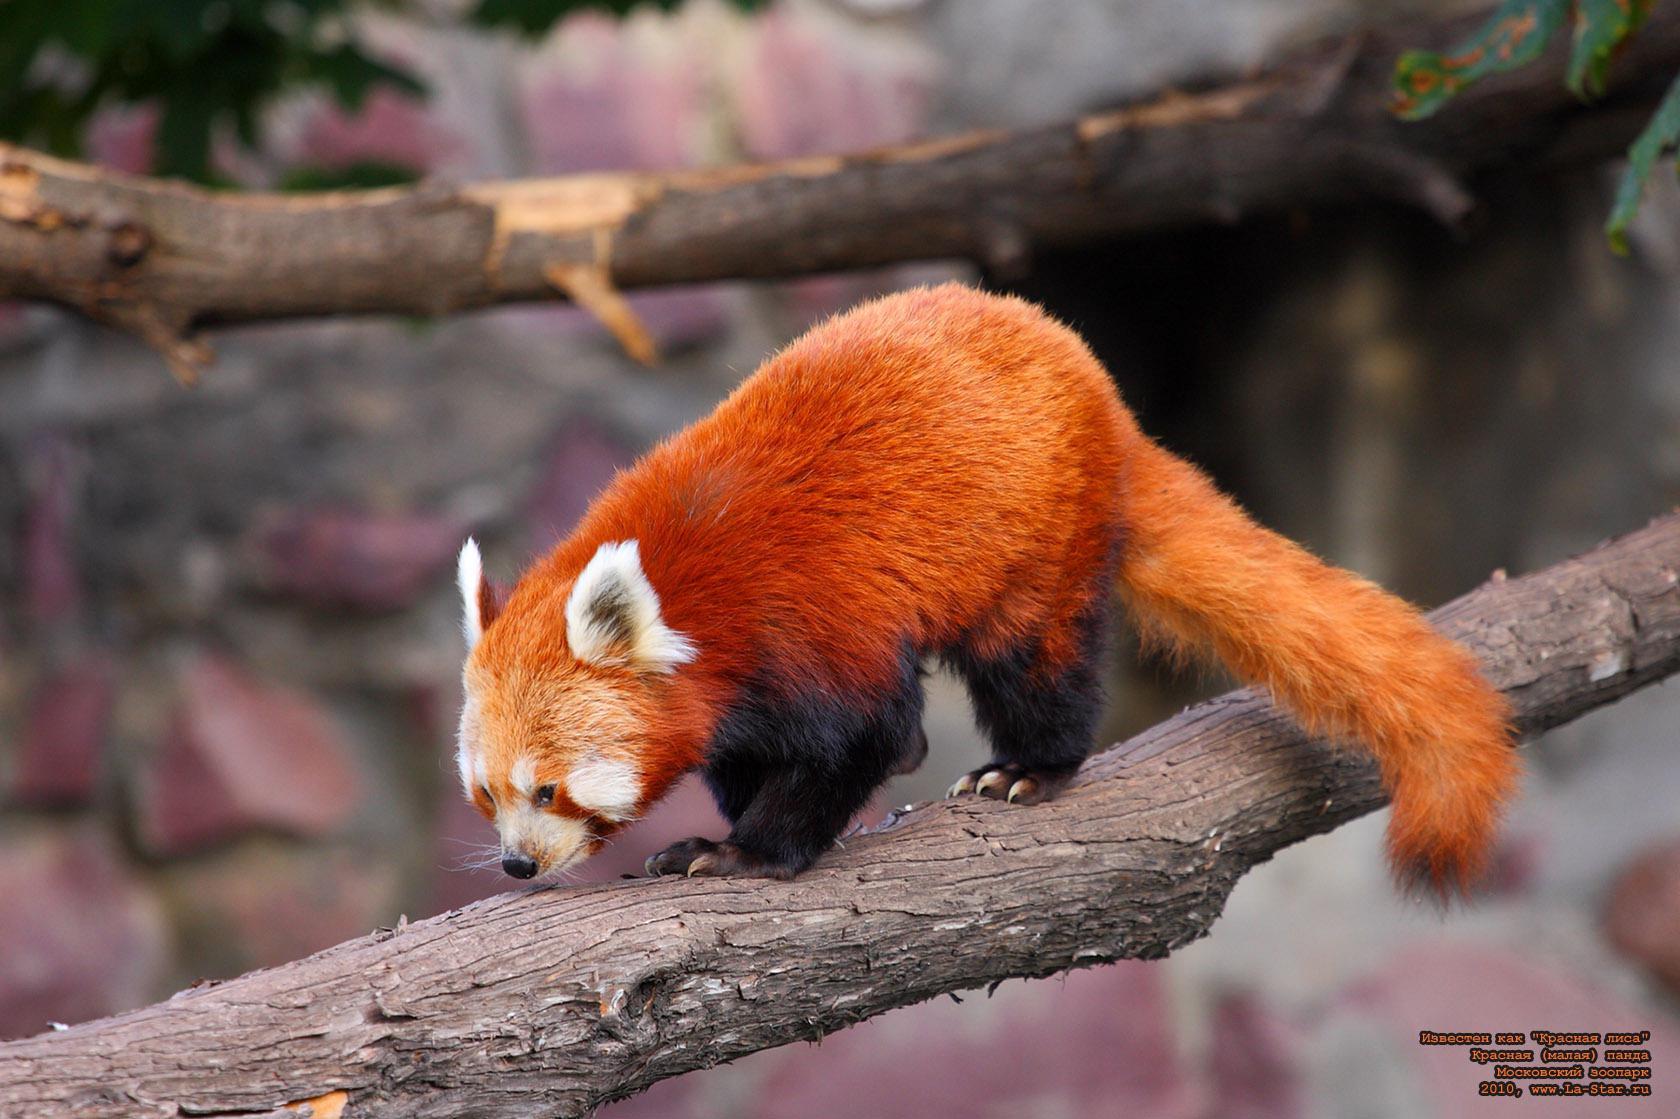 Смысл многих образов зверей во сне очевиден и буквален: сонник предсказывает перемены, разъясняя, к чему снится непонятная зверушка.